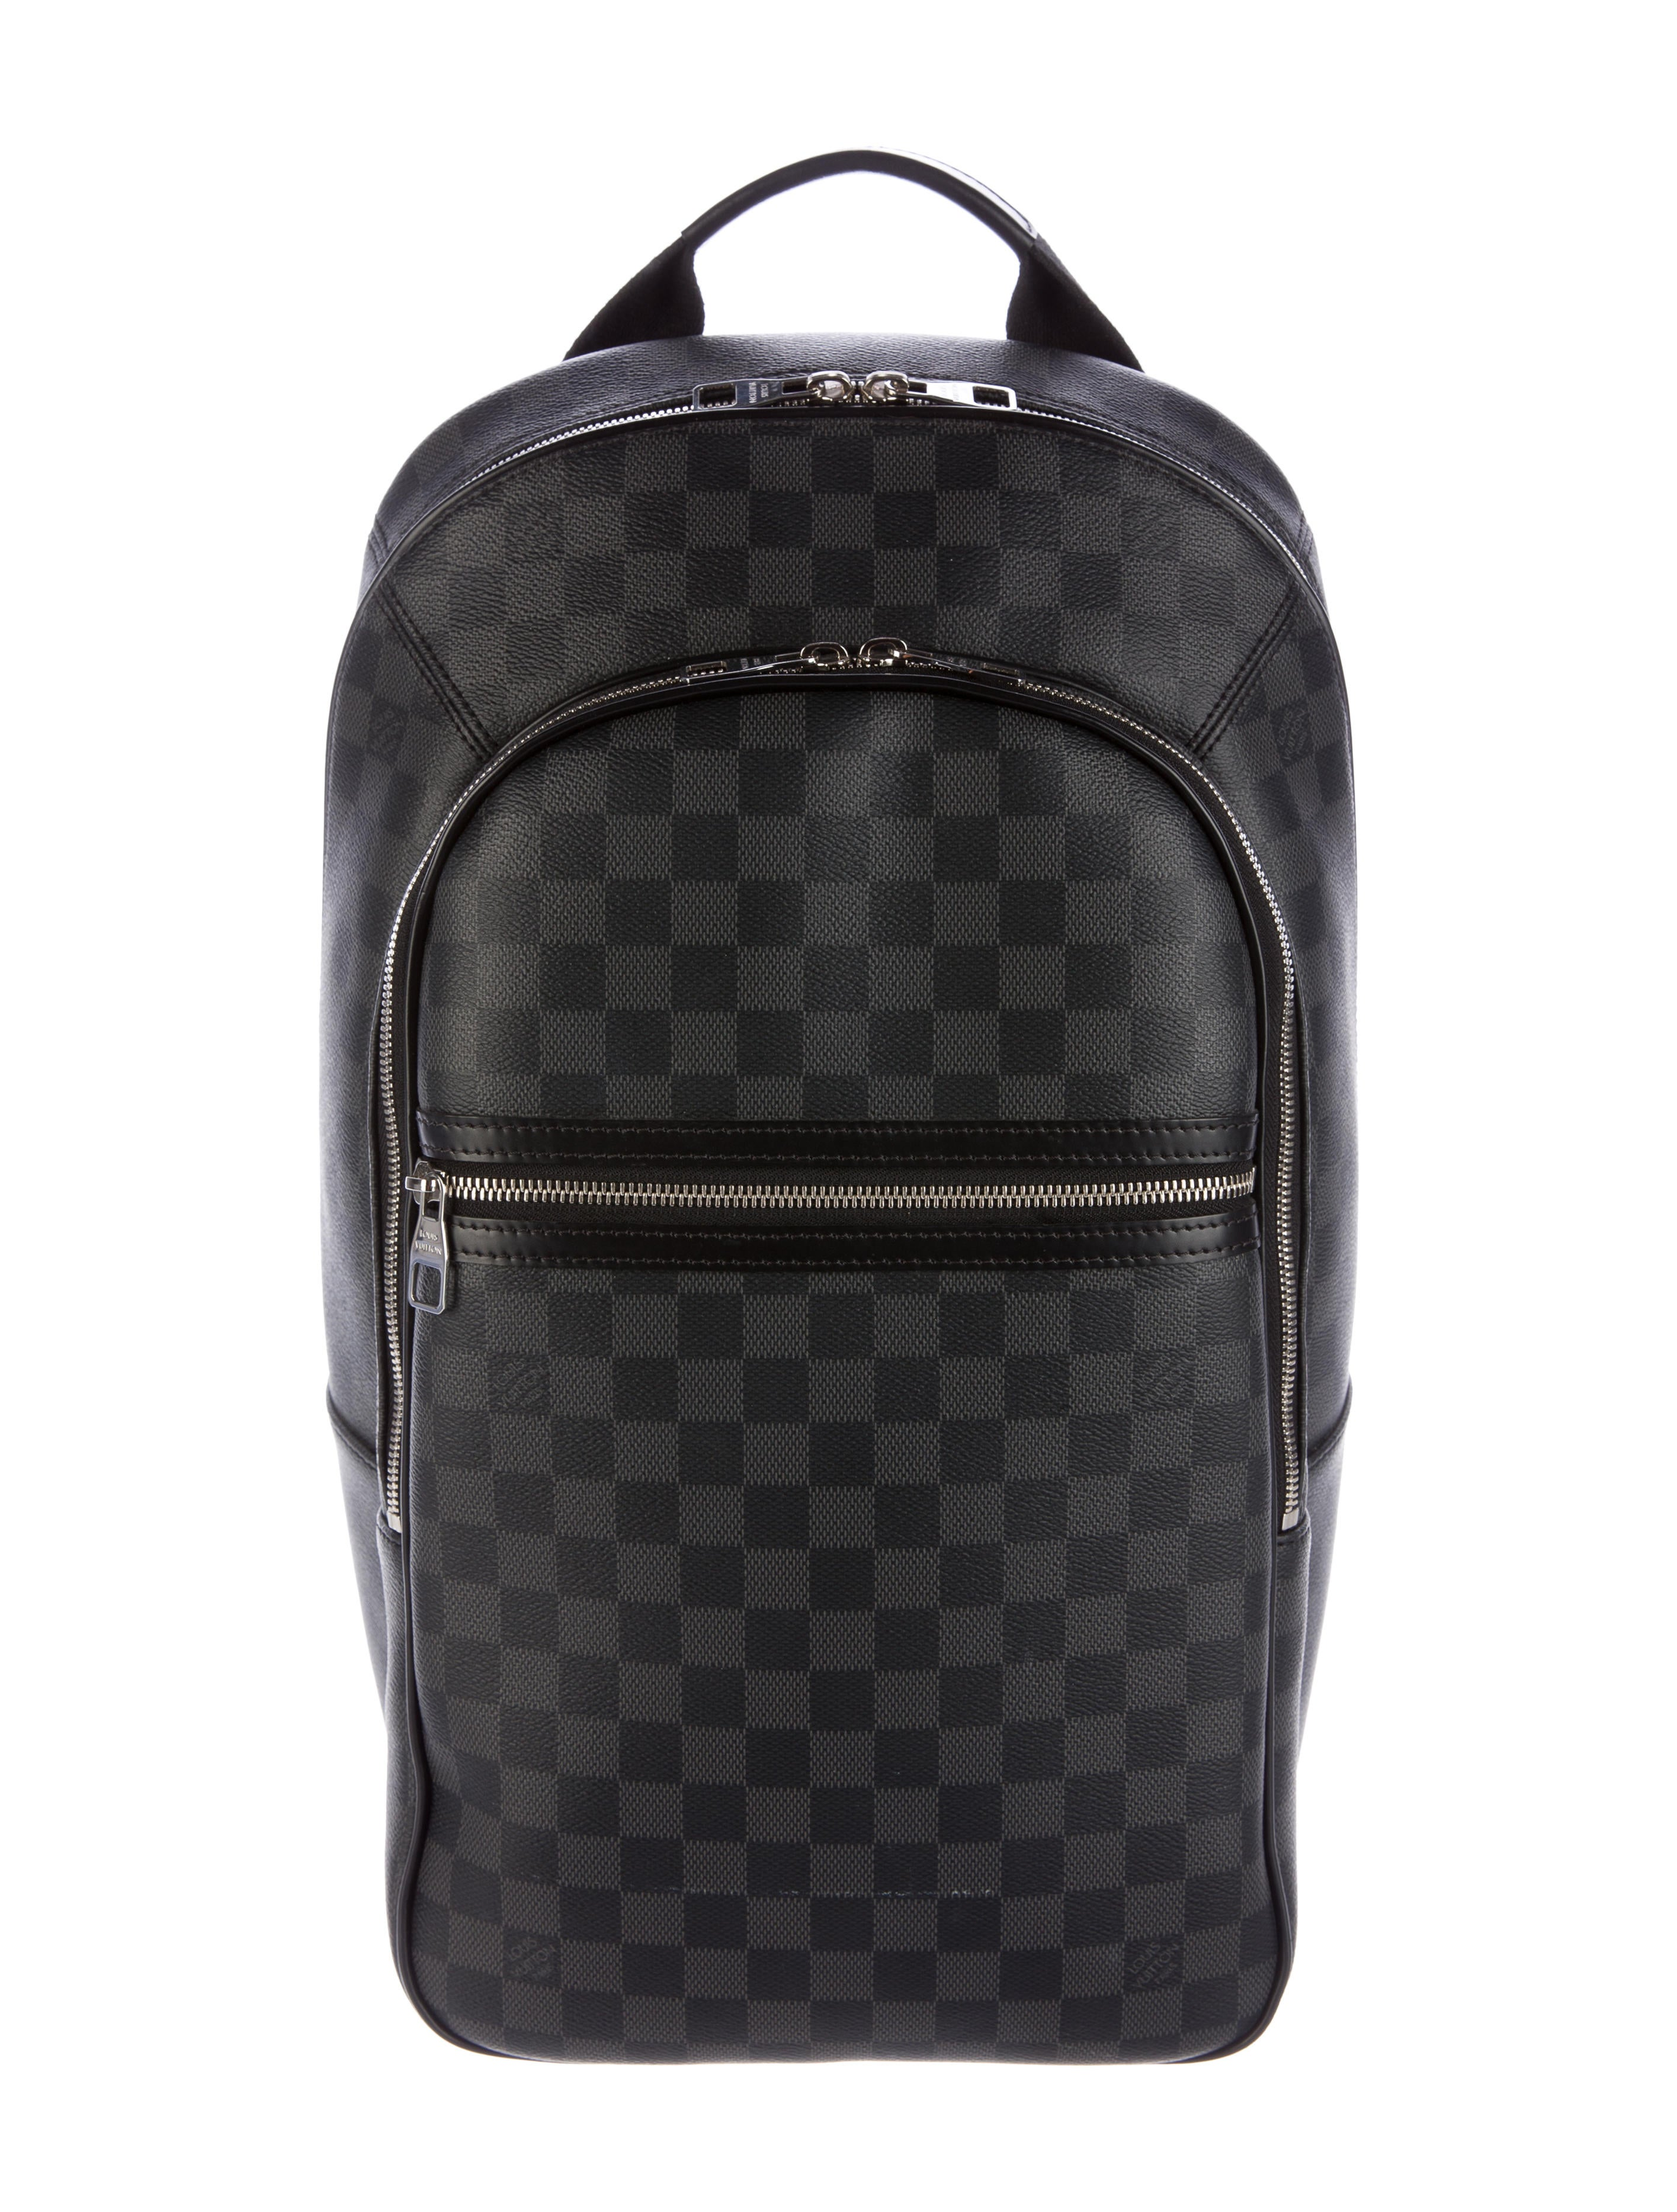 3d1ded021ac7 Louis Vuitton Damier Graphite Michael Backpack - Bags - LOU111879 ...